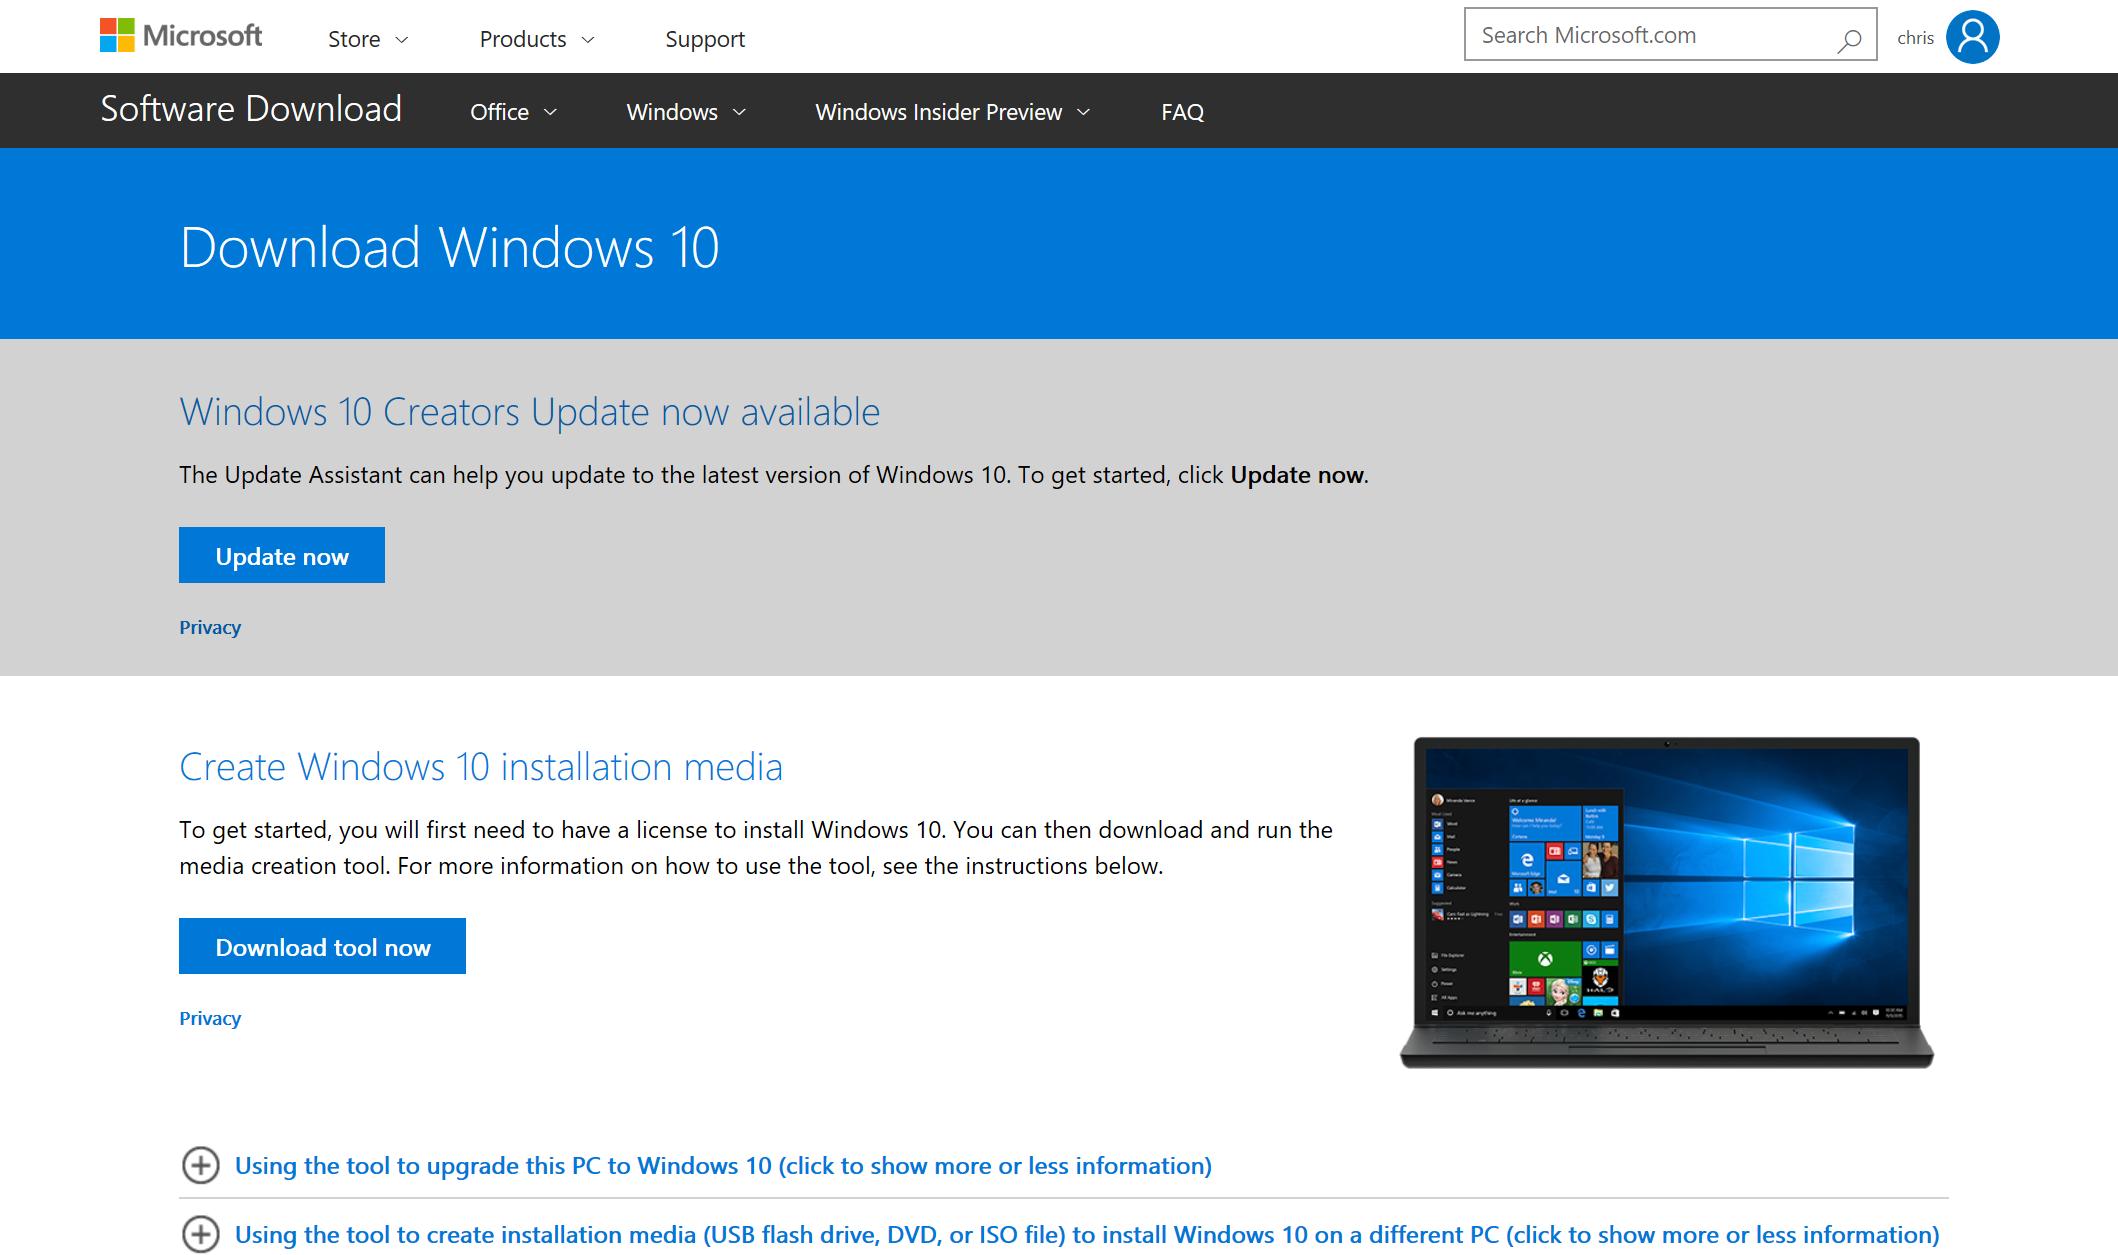 Windows-10-Creators-Update-image-download